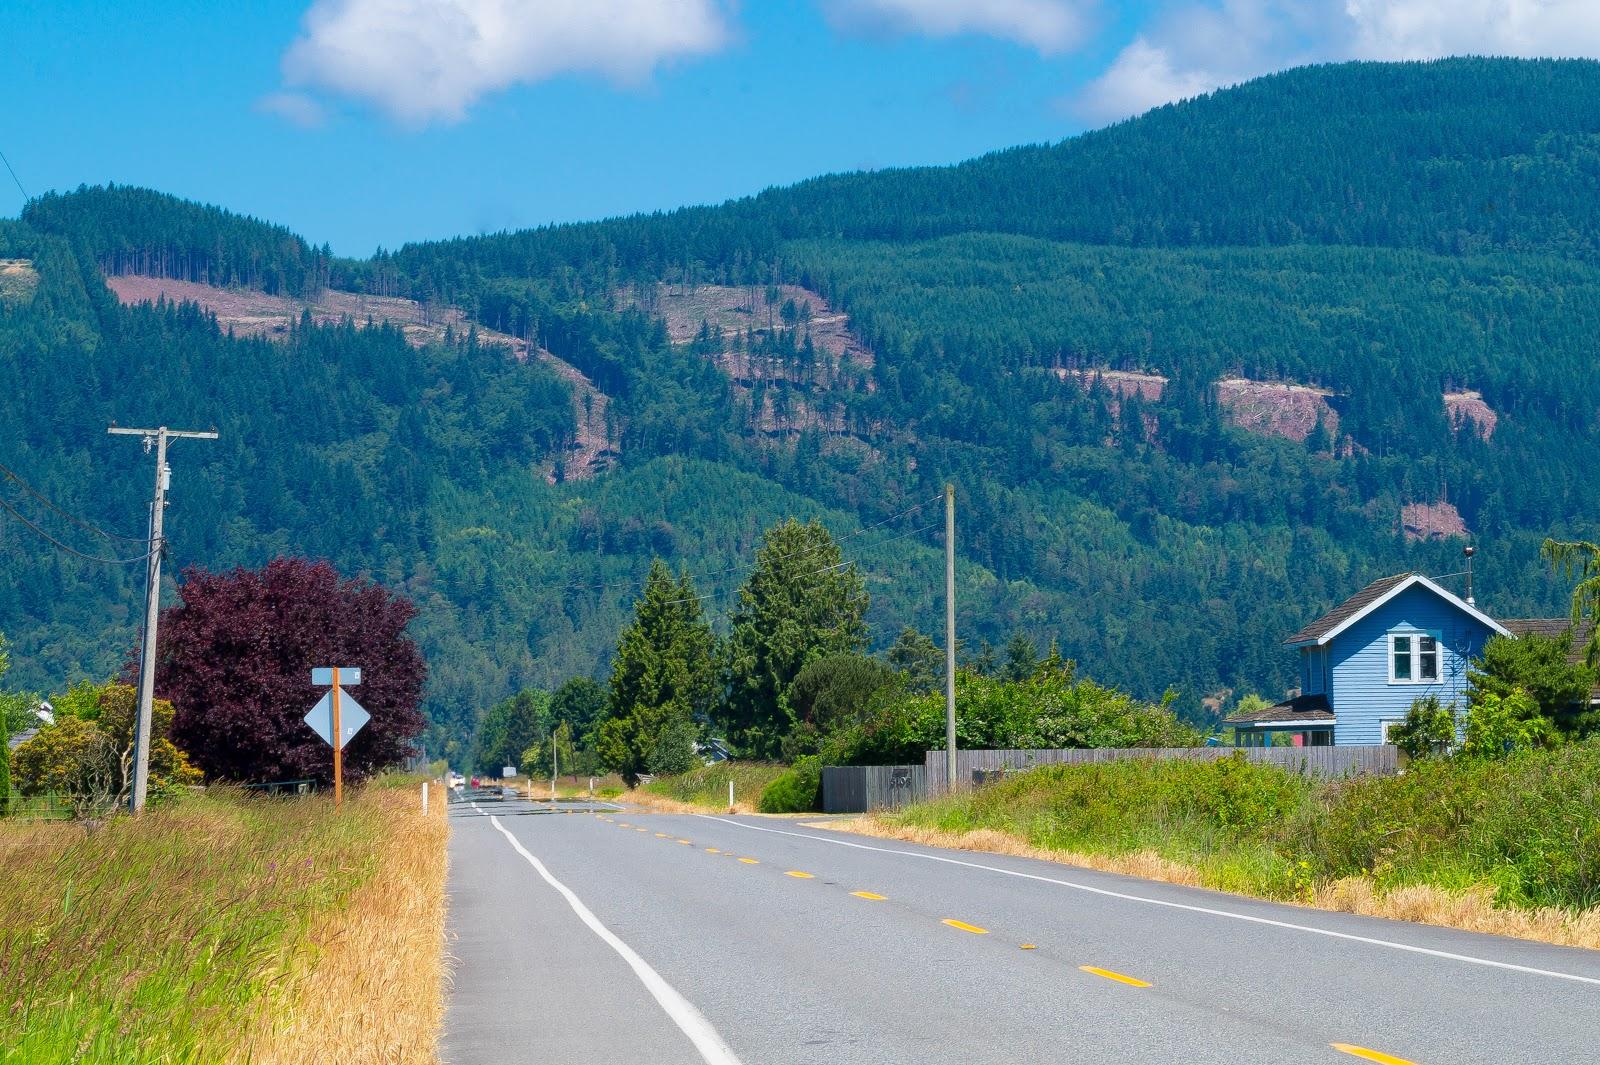 аккуратные домики смотрятся живописно на фоне голубых холмов